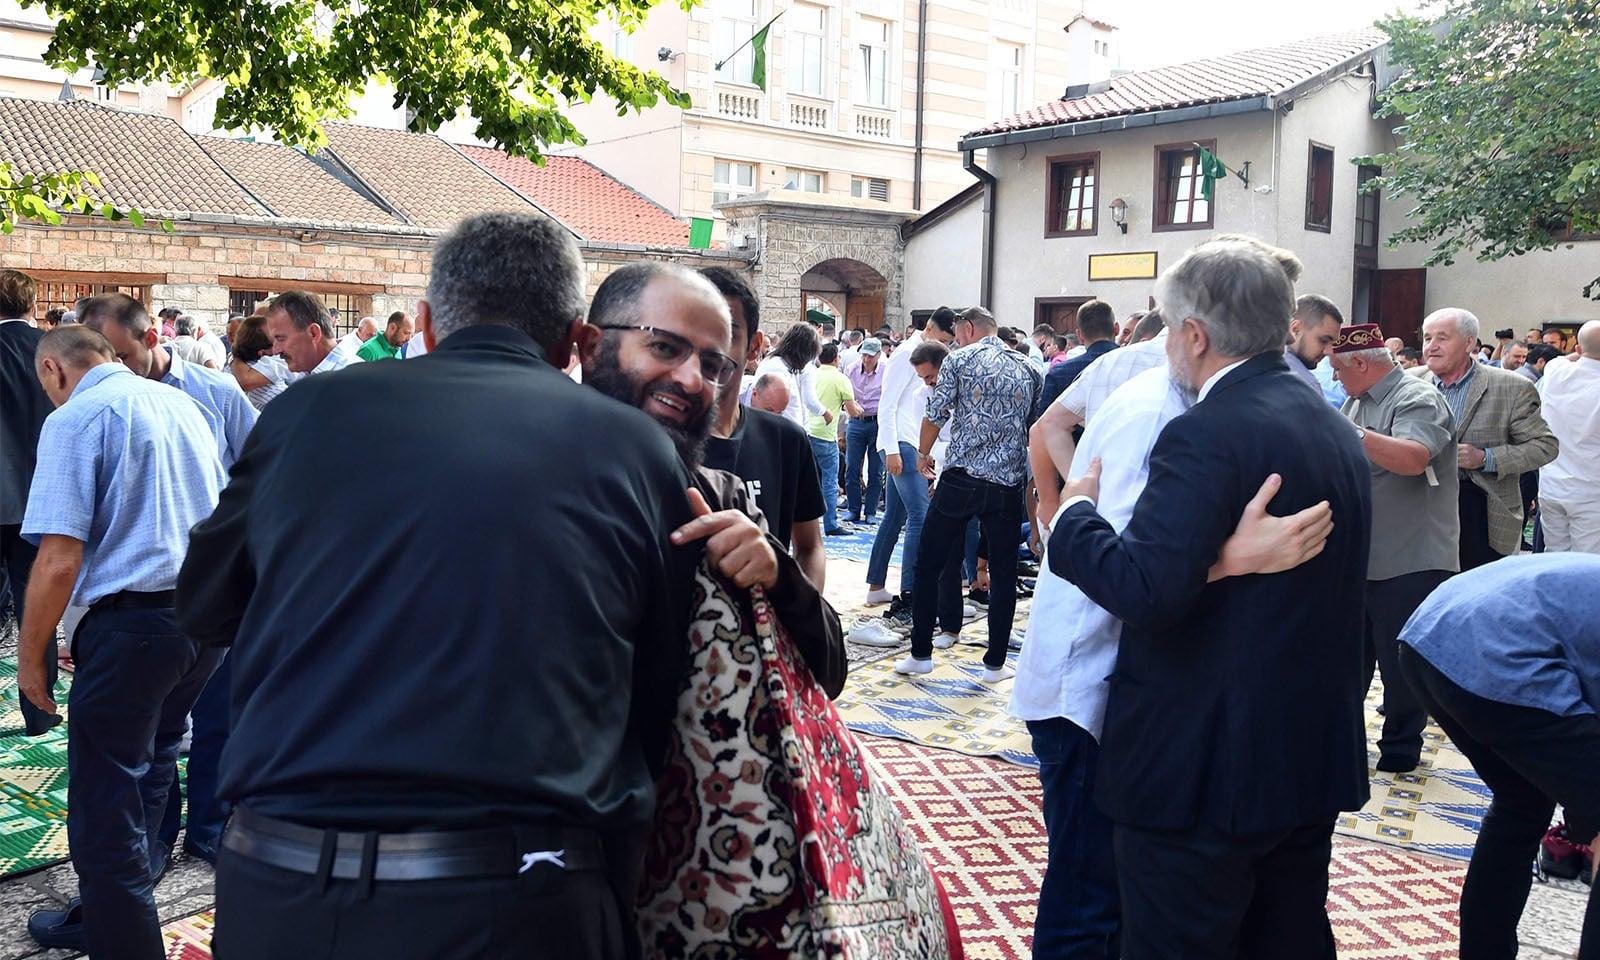 بوسنیا میں اجتماع عید میں شریک 2 احباب ایک دوسرے سے گلے ملتے ہوئے—تصویر:اے ایف پی